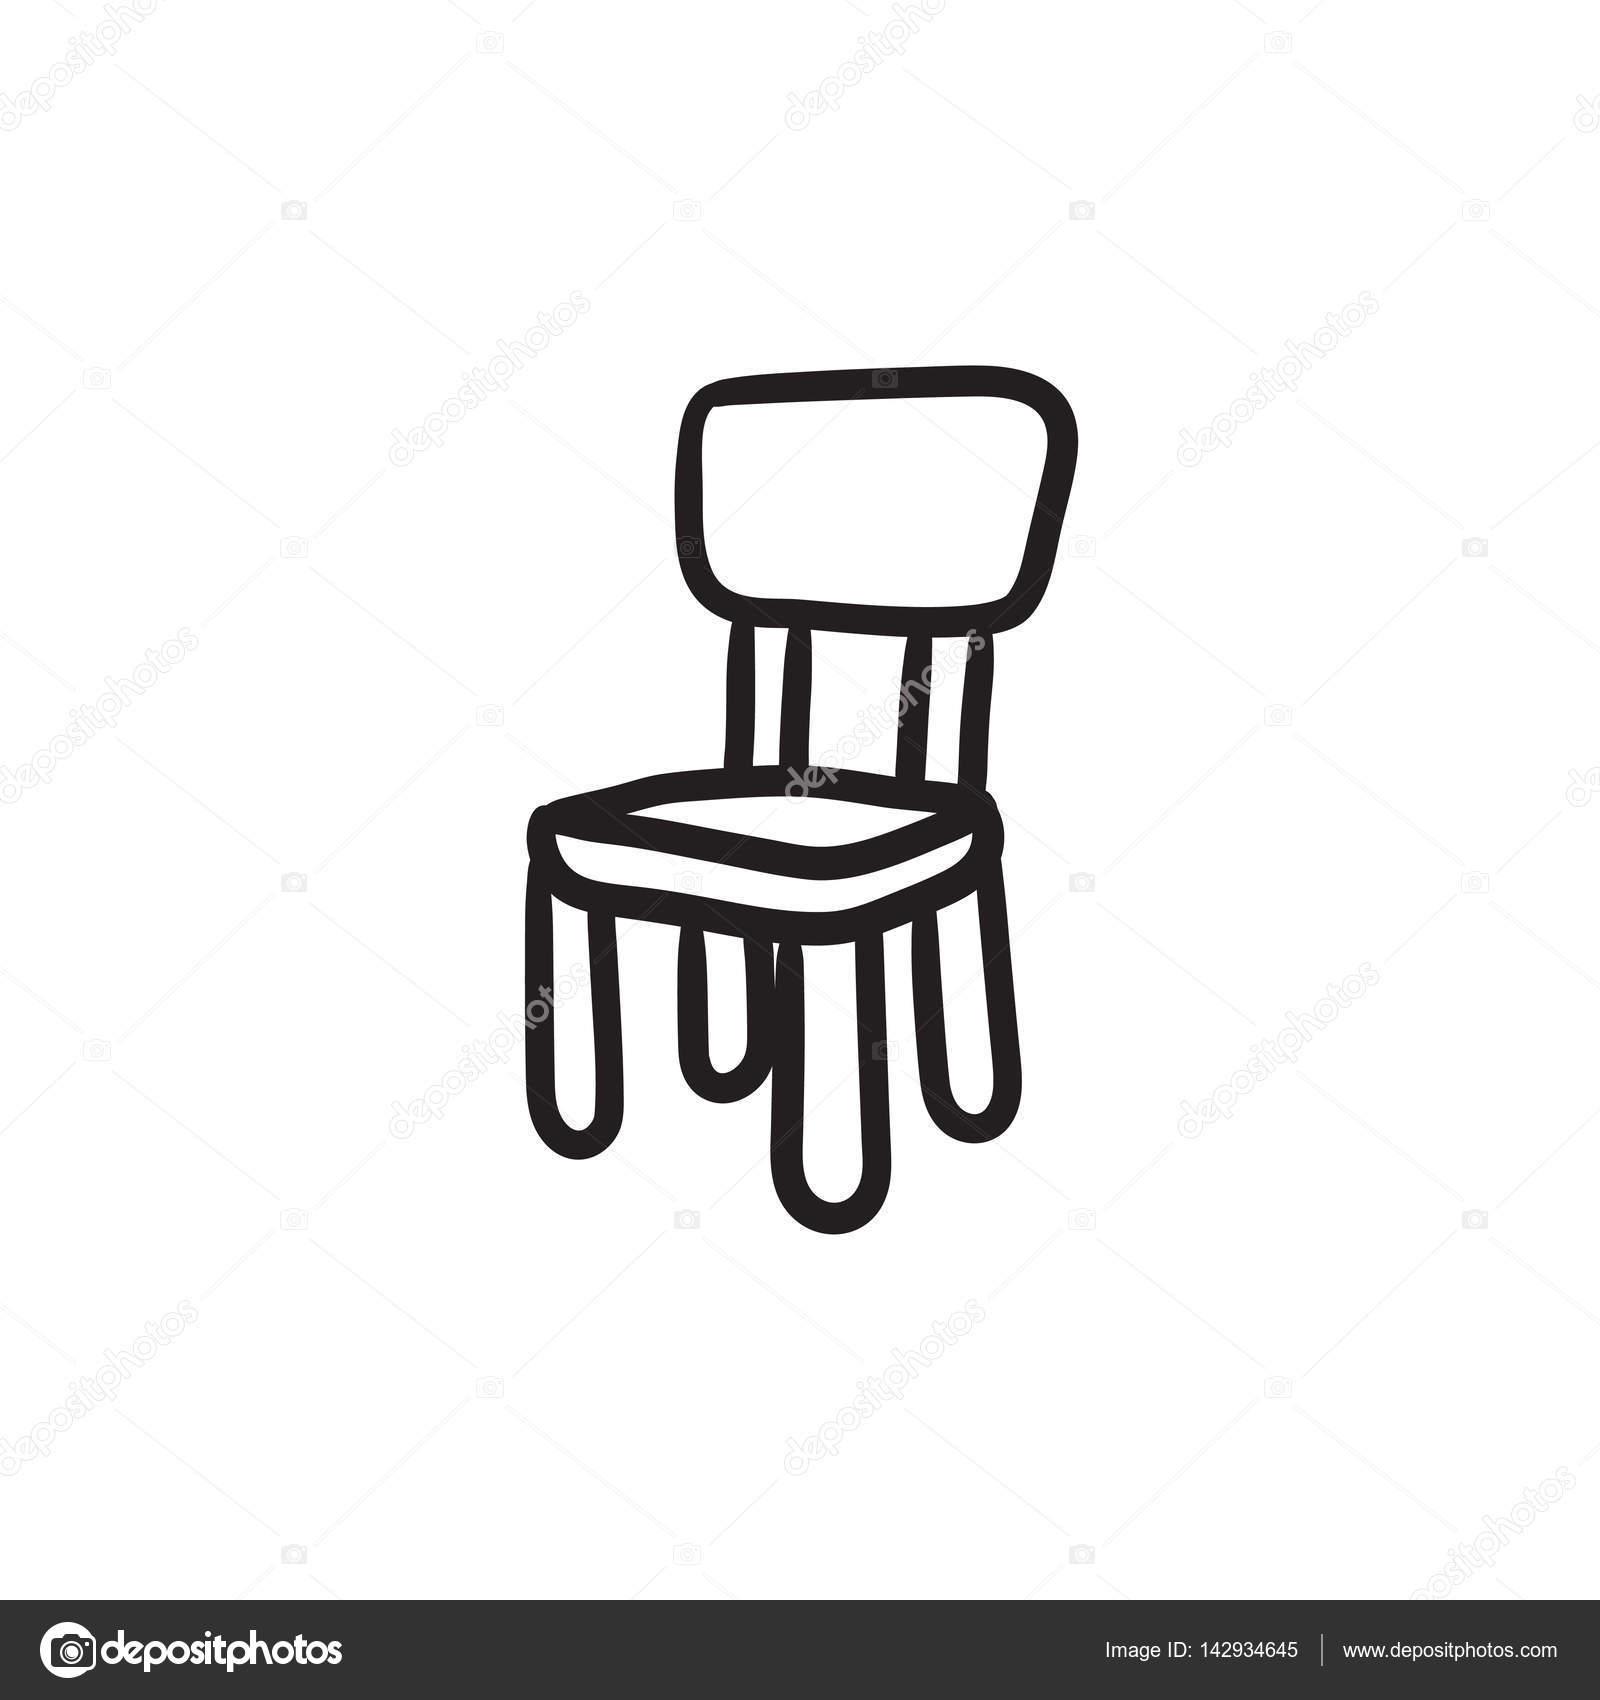 Silla para ni os dibujo icono vector de stock rastudio for Sillas para dibujar facil